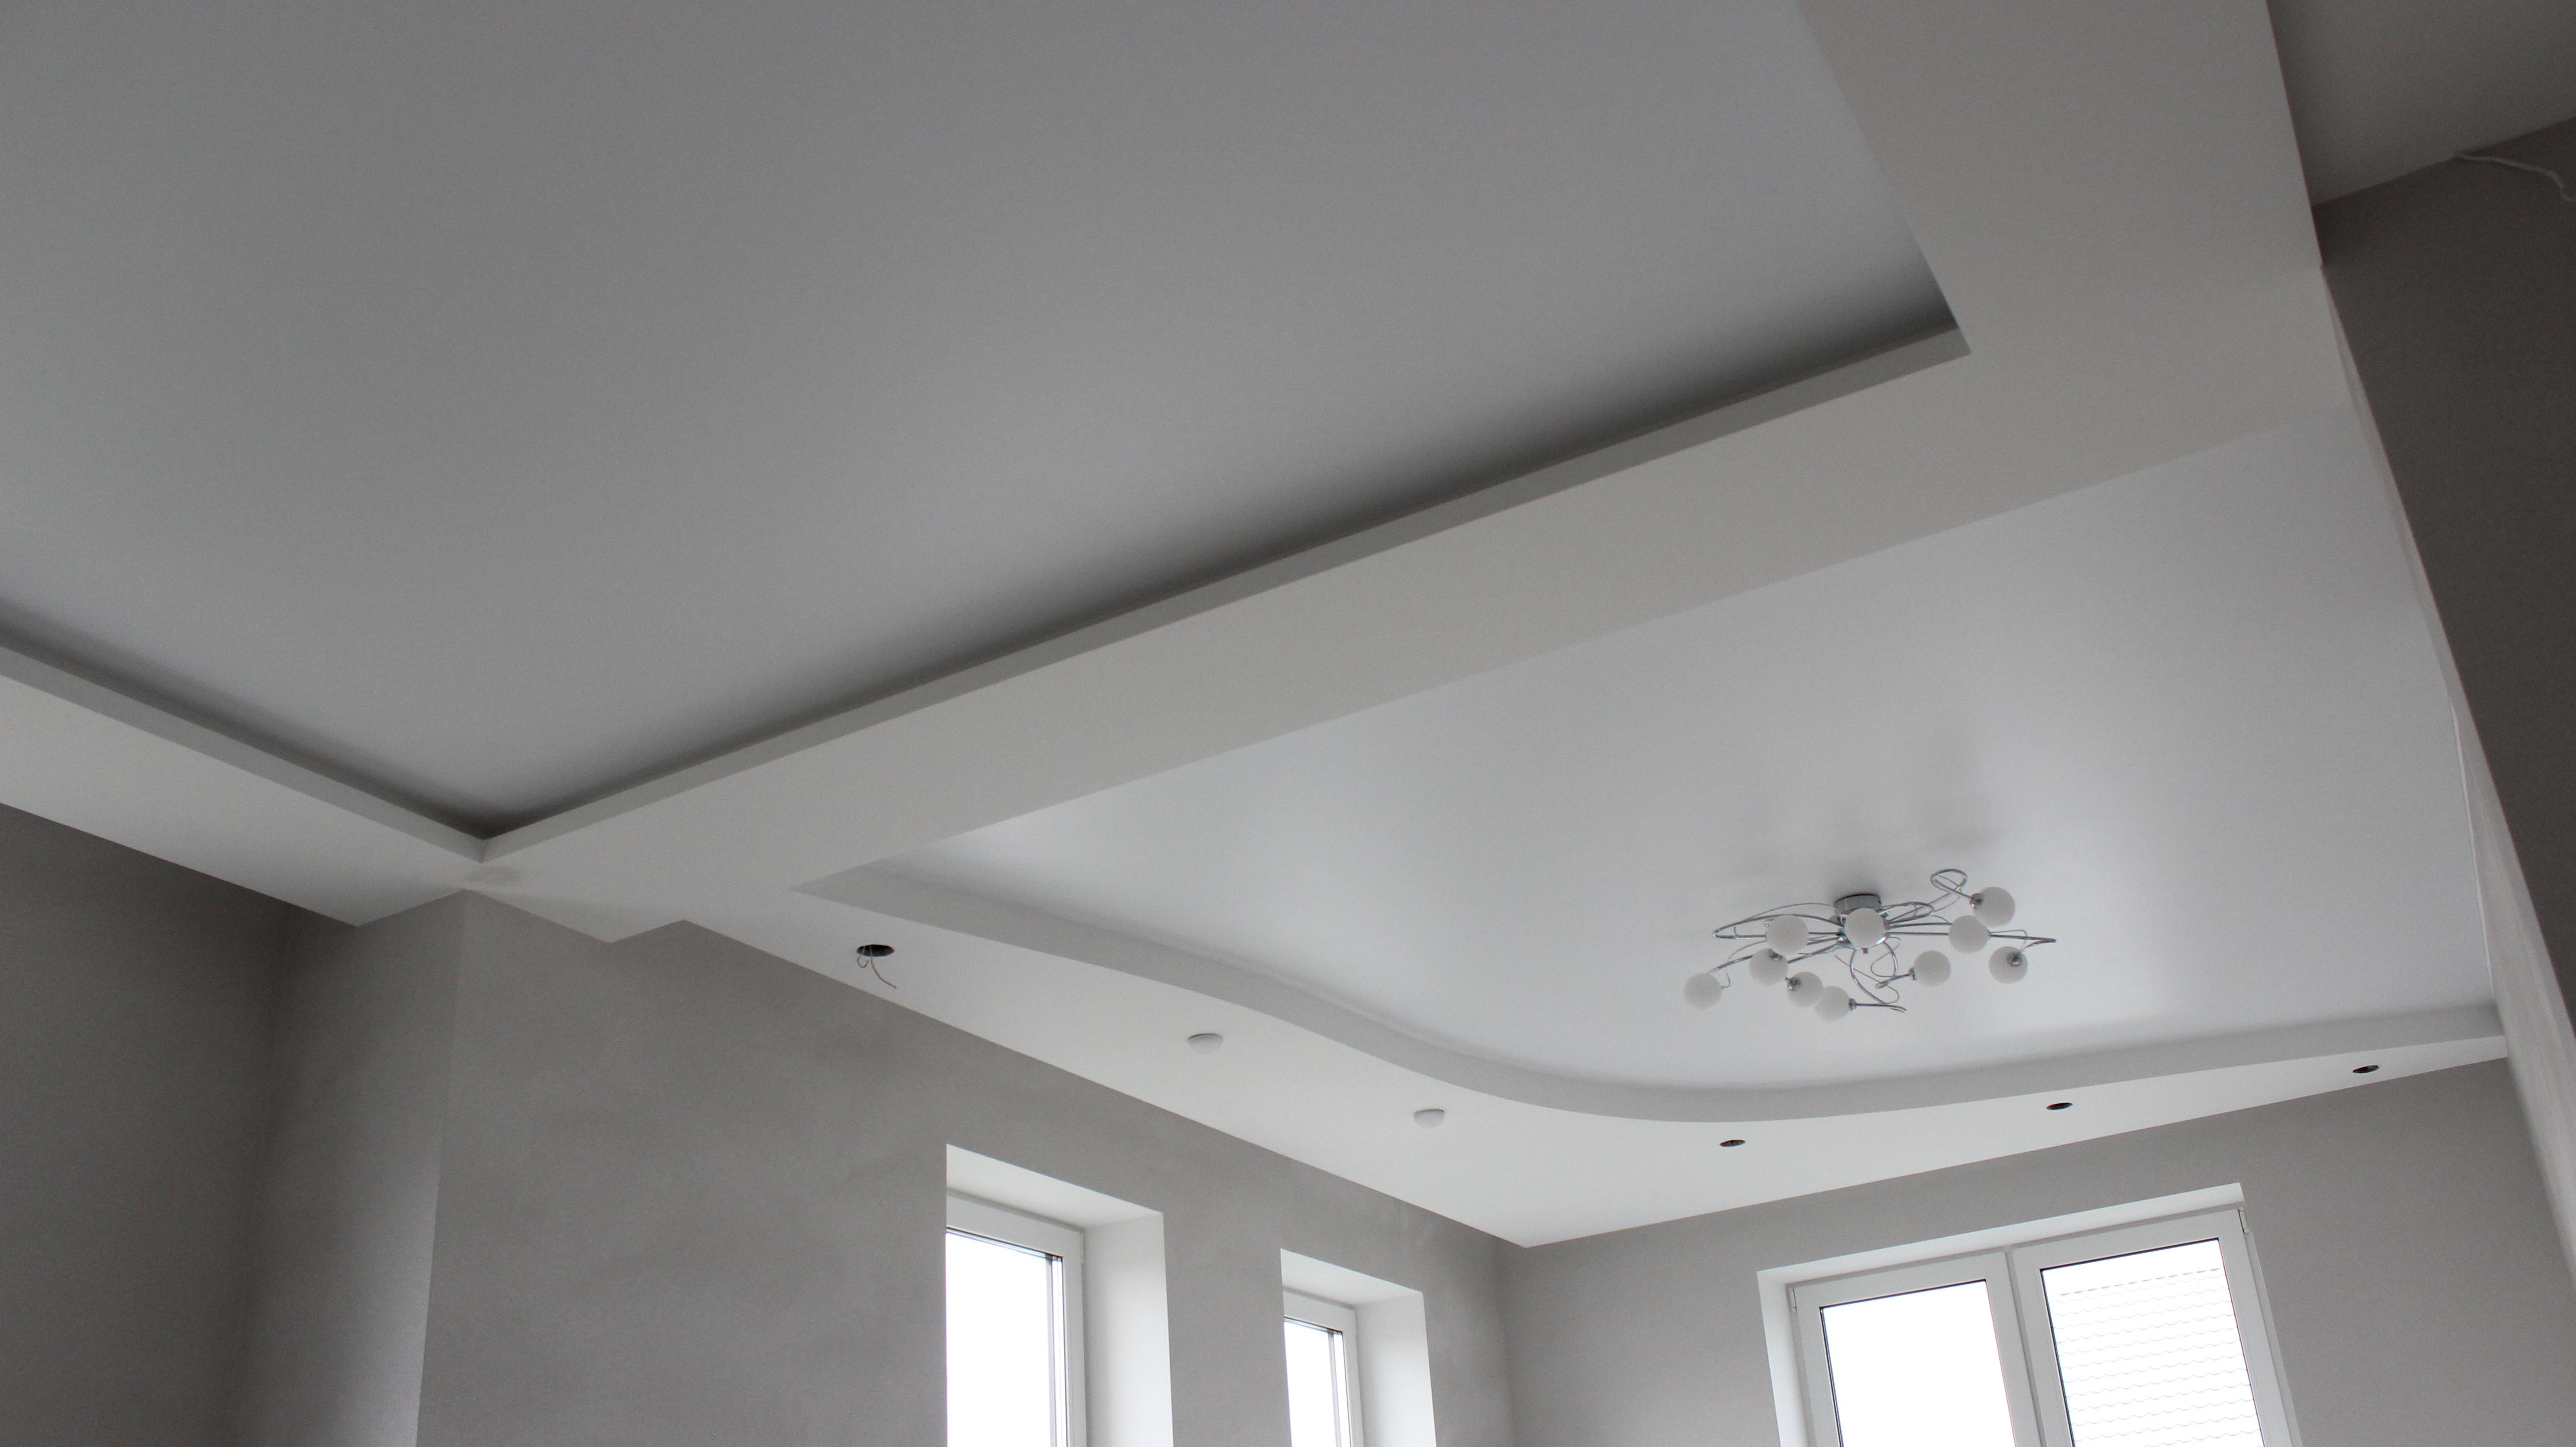 Какой формы можно сделать натяжные потолки?